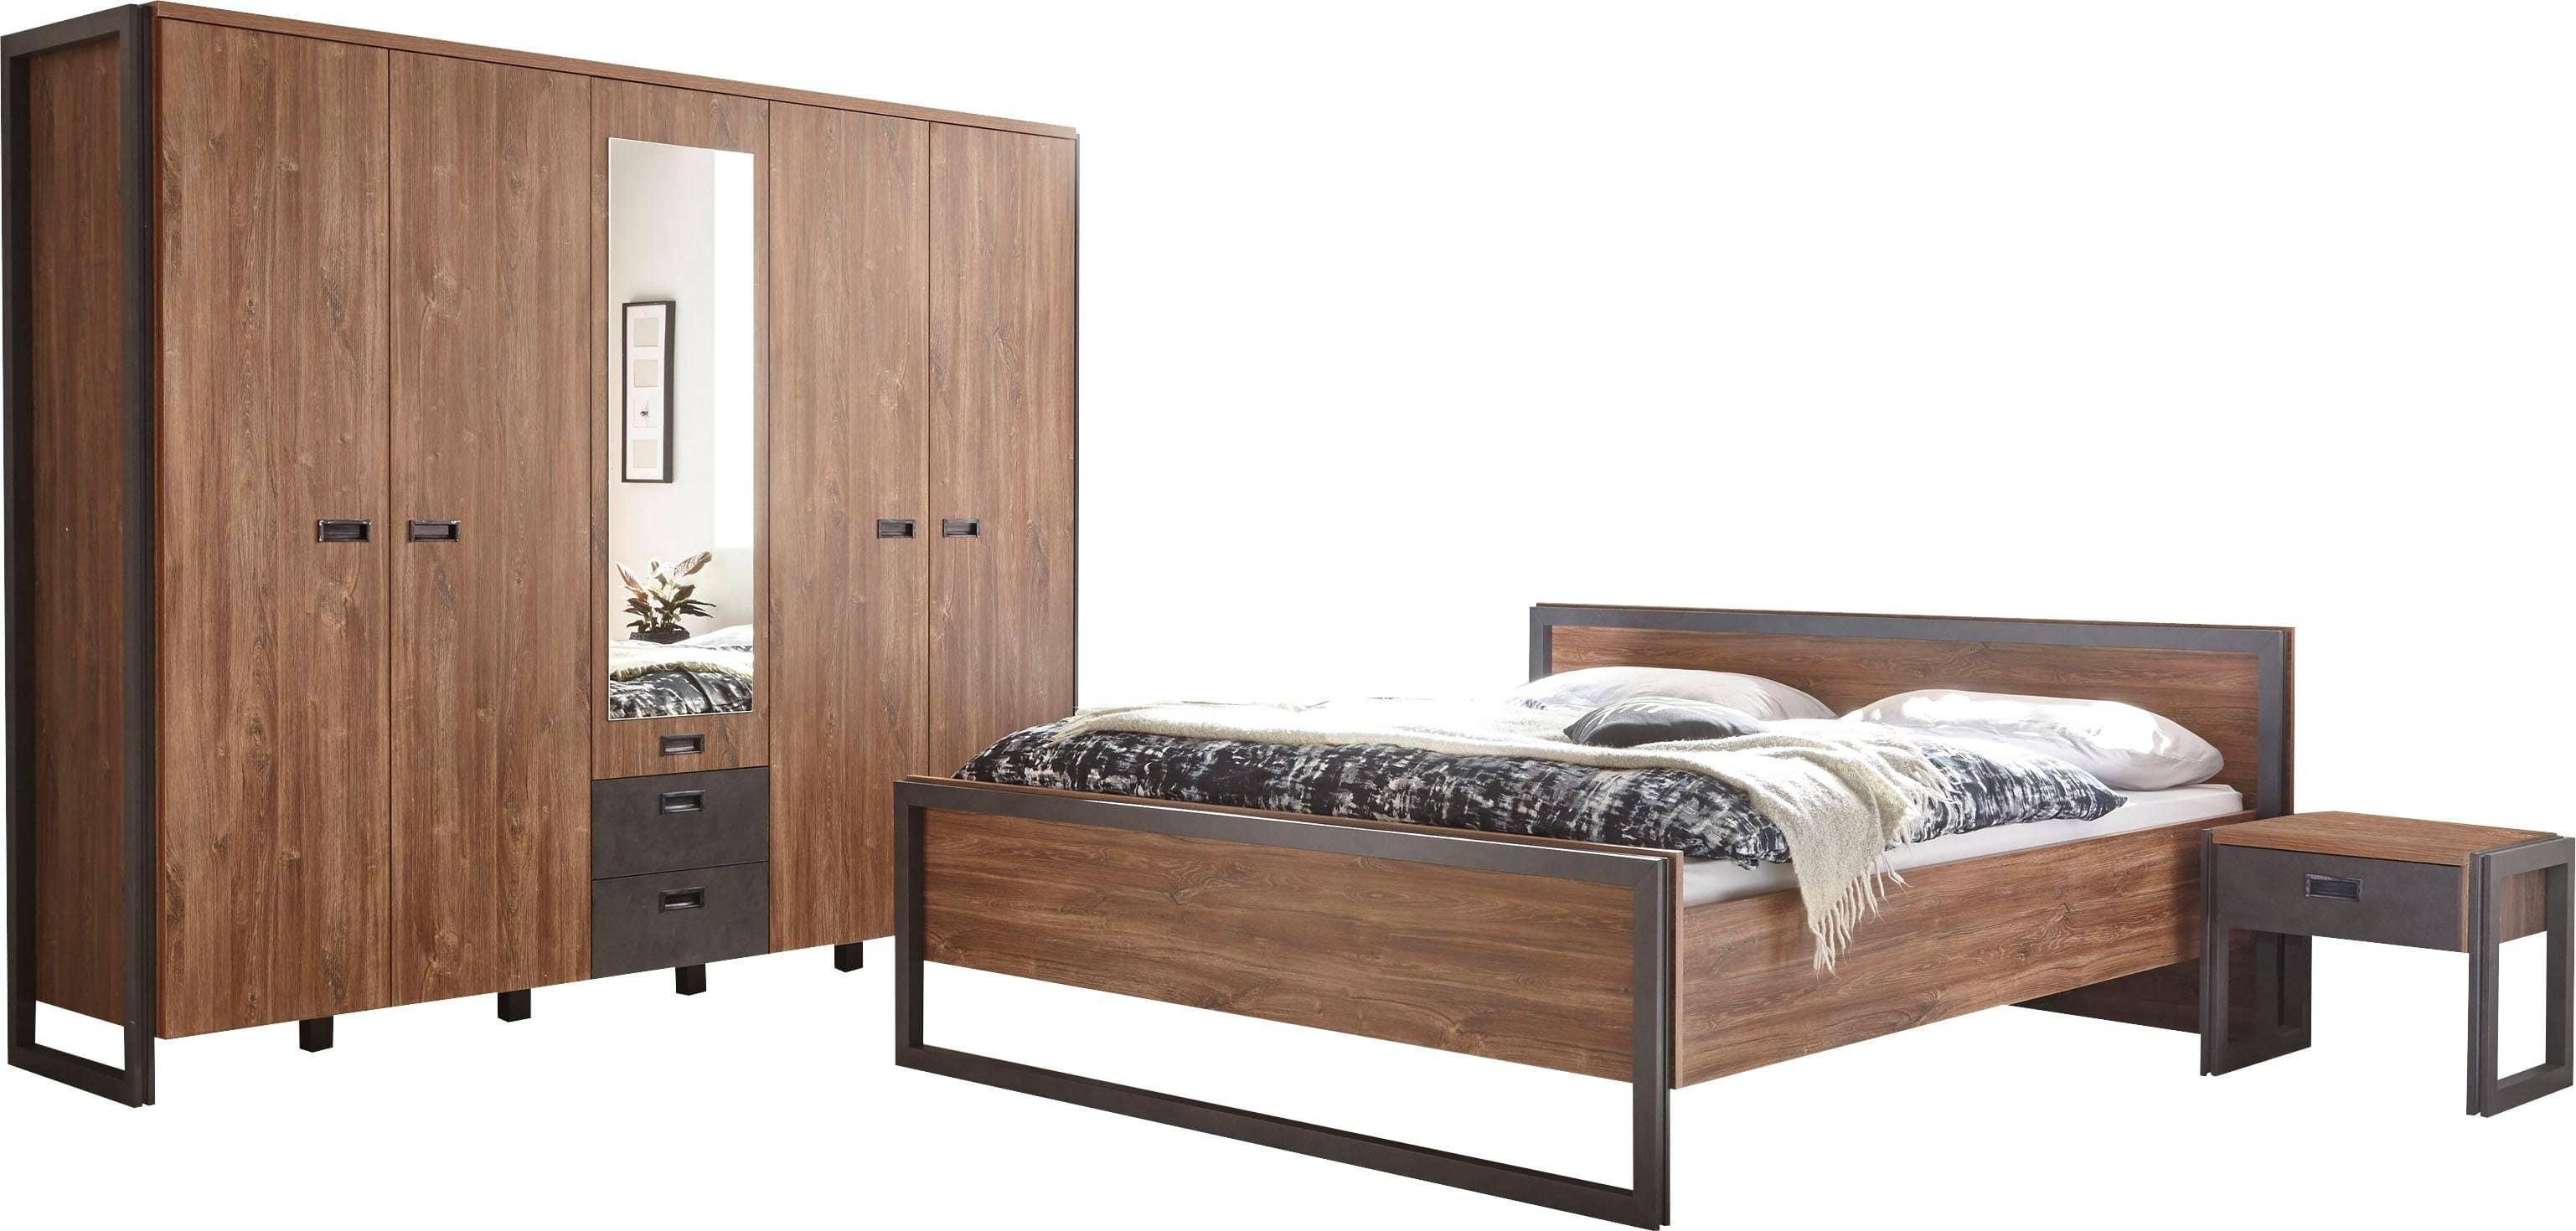 Möbel-Sets für Schlafzimmer